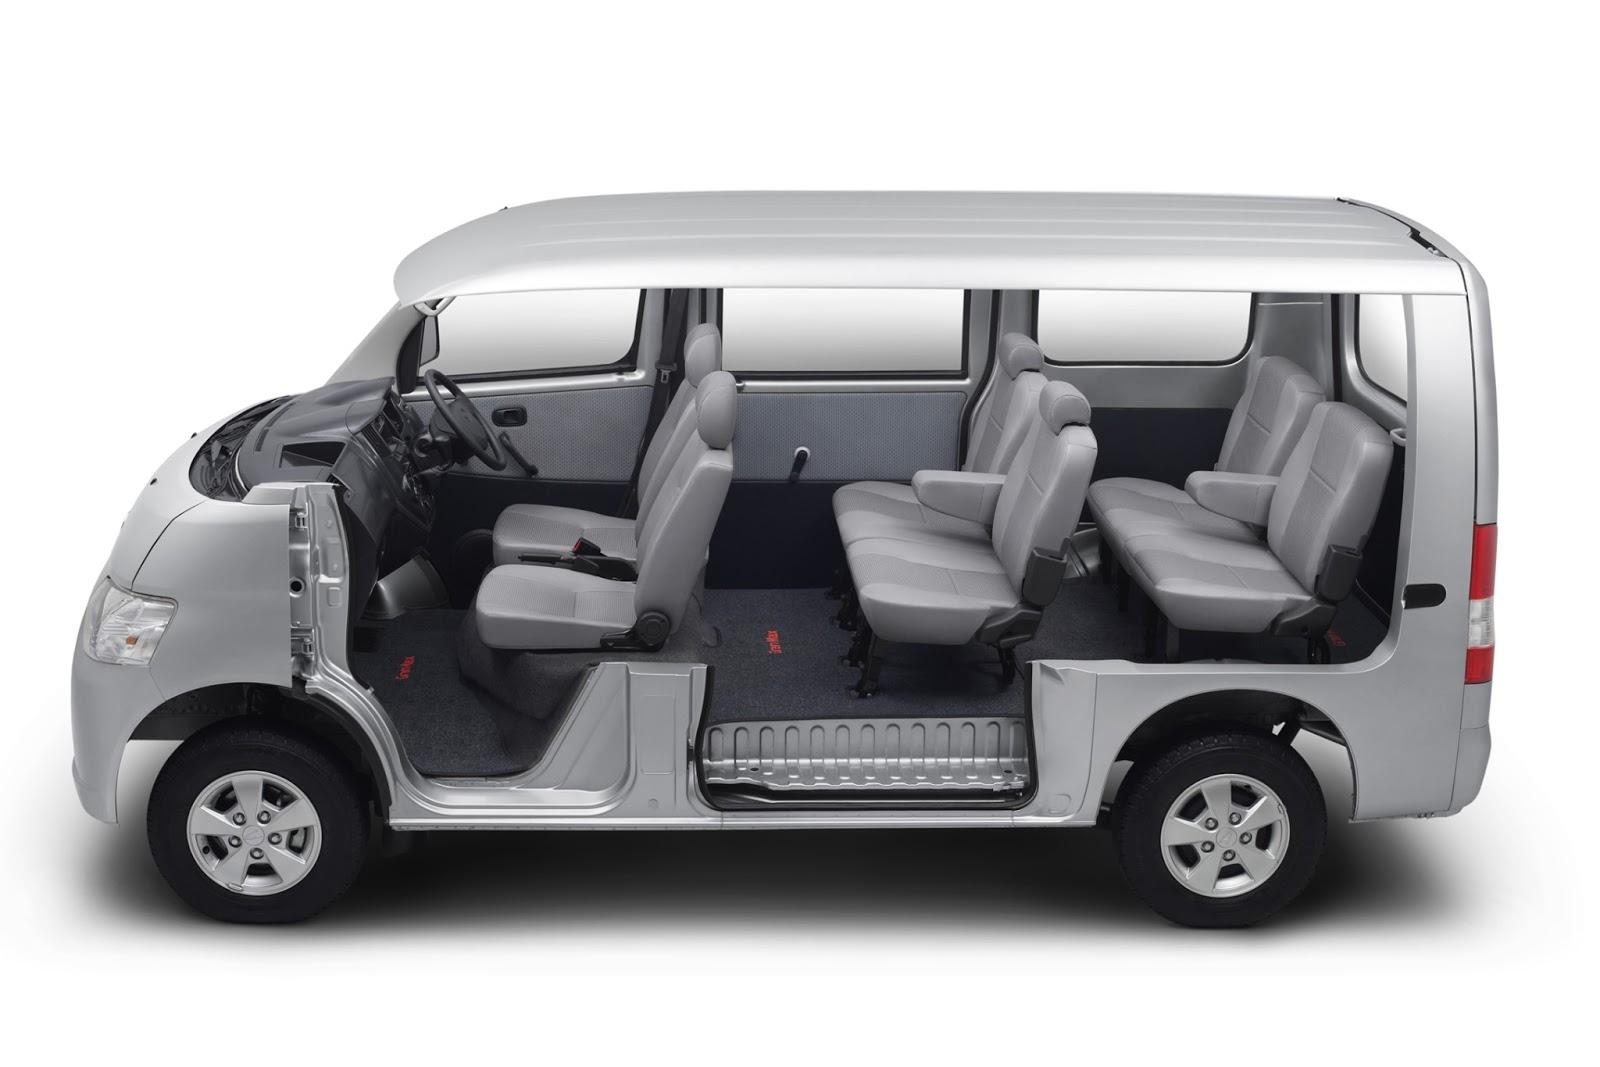 Daihatsu Gran Max Specification